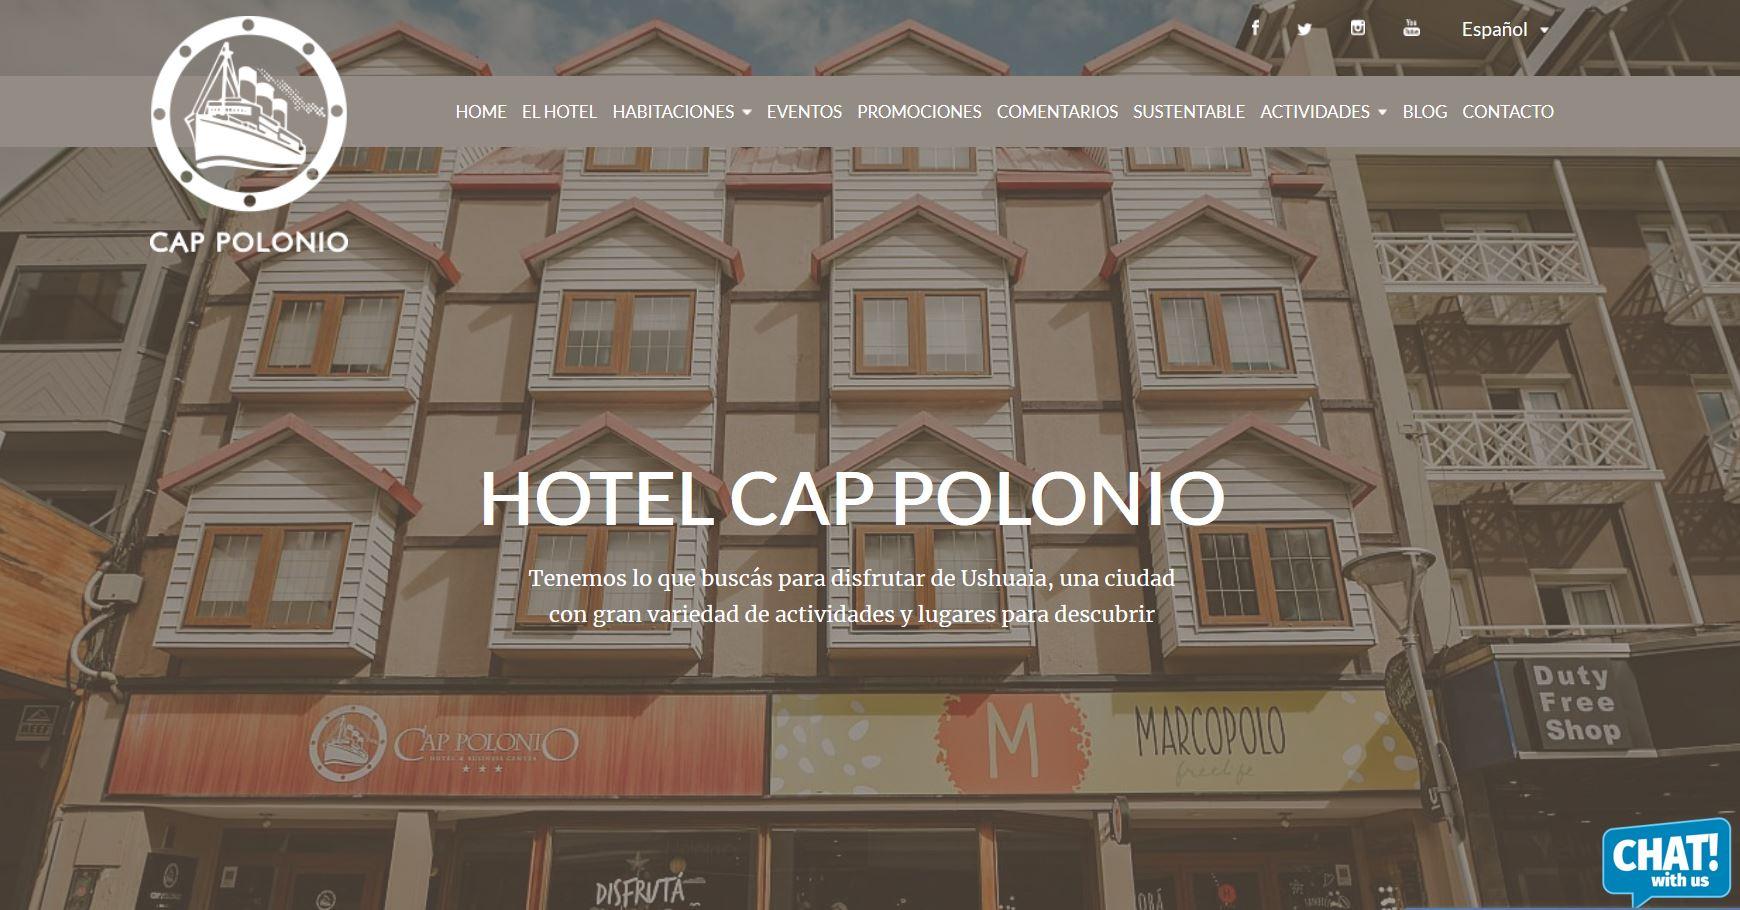 Hotel Cap Polinio Ushuaia Argentina